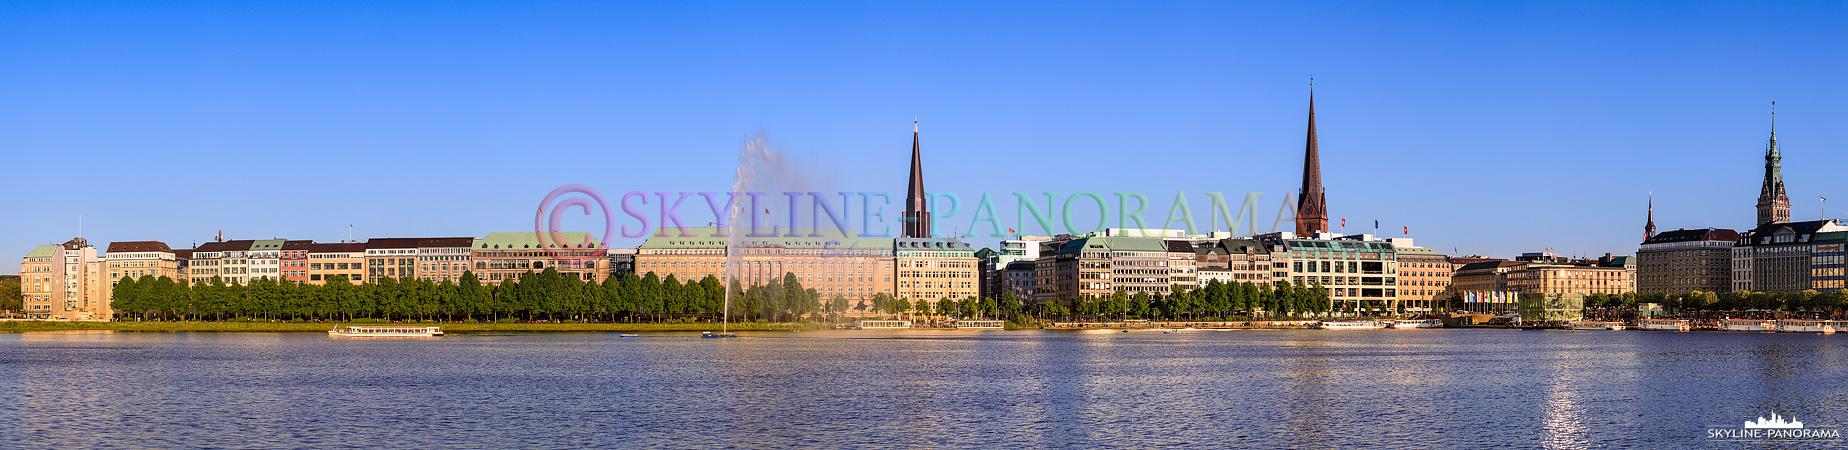 Bilder Hamburg – Blick auf die in das letzte Tageslicht getauchten Gebäude an der Hamburger Binnenalster.